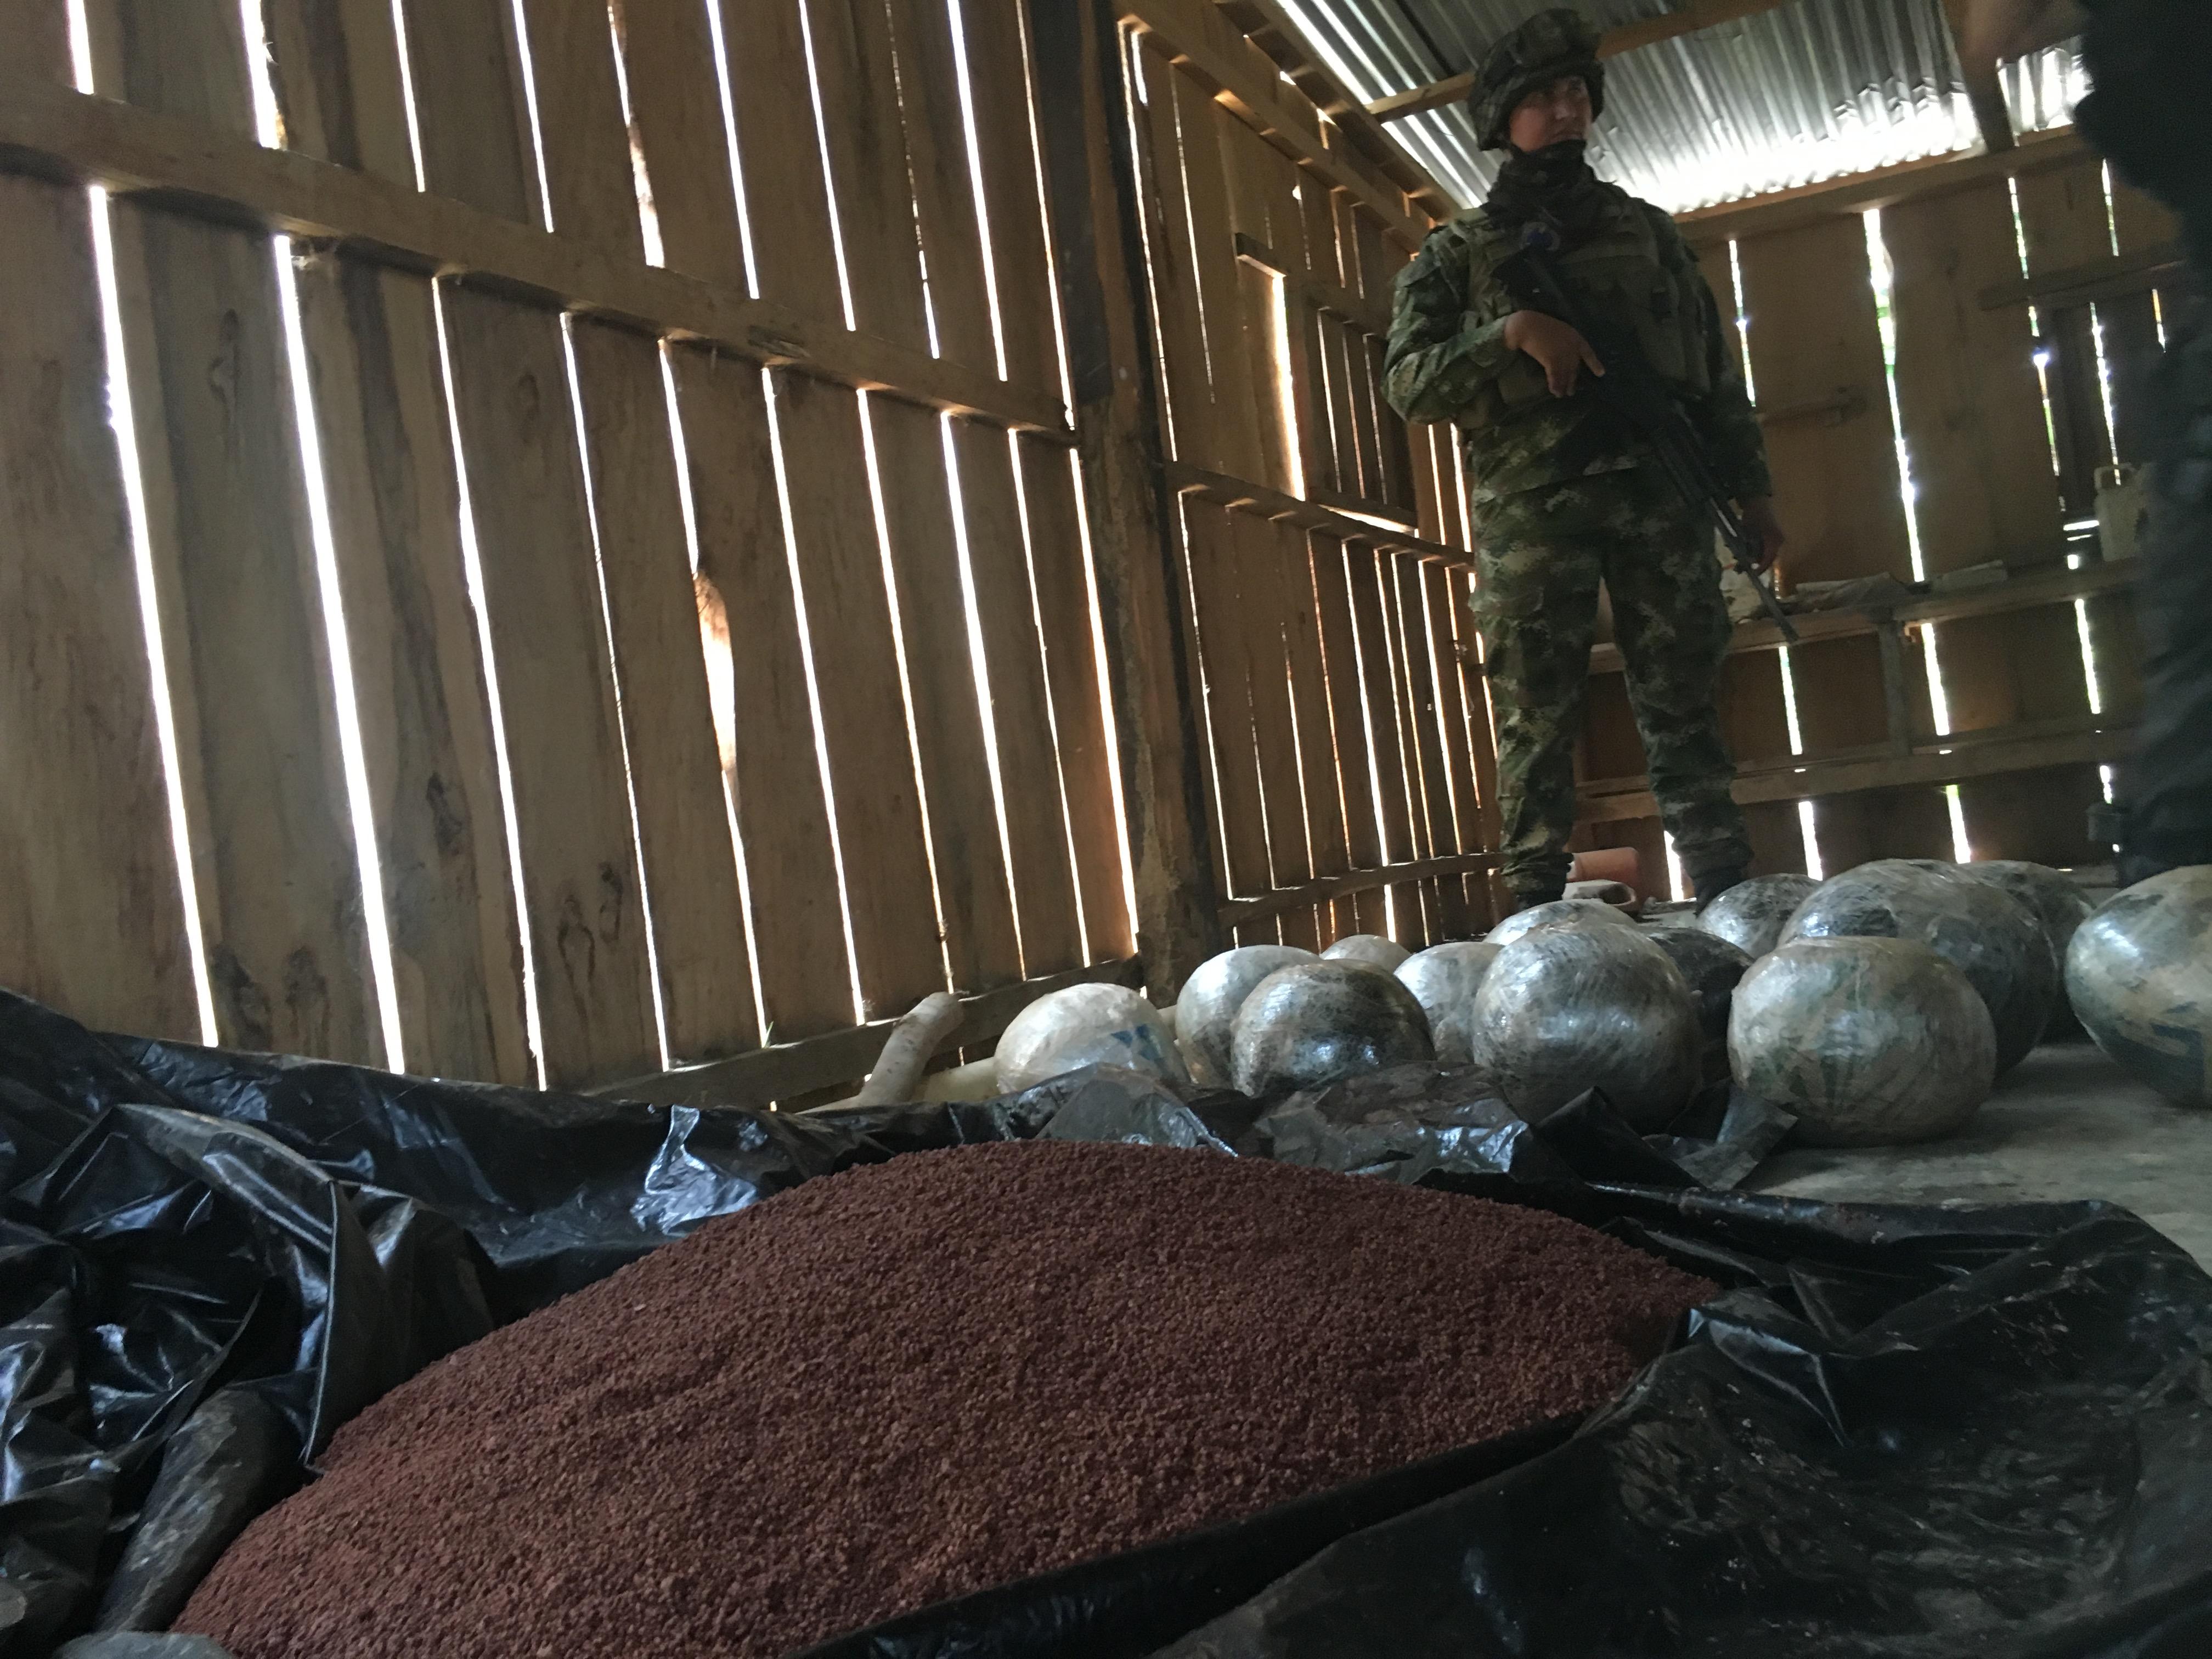 Poderosa carga explosiva fue desactivada por el Ejército en Saravena. Más de 14 balones bomba y 50 kilos de anfo estaban en una vivienda.